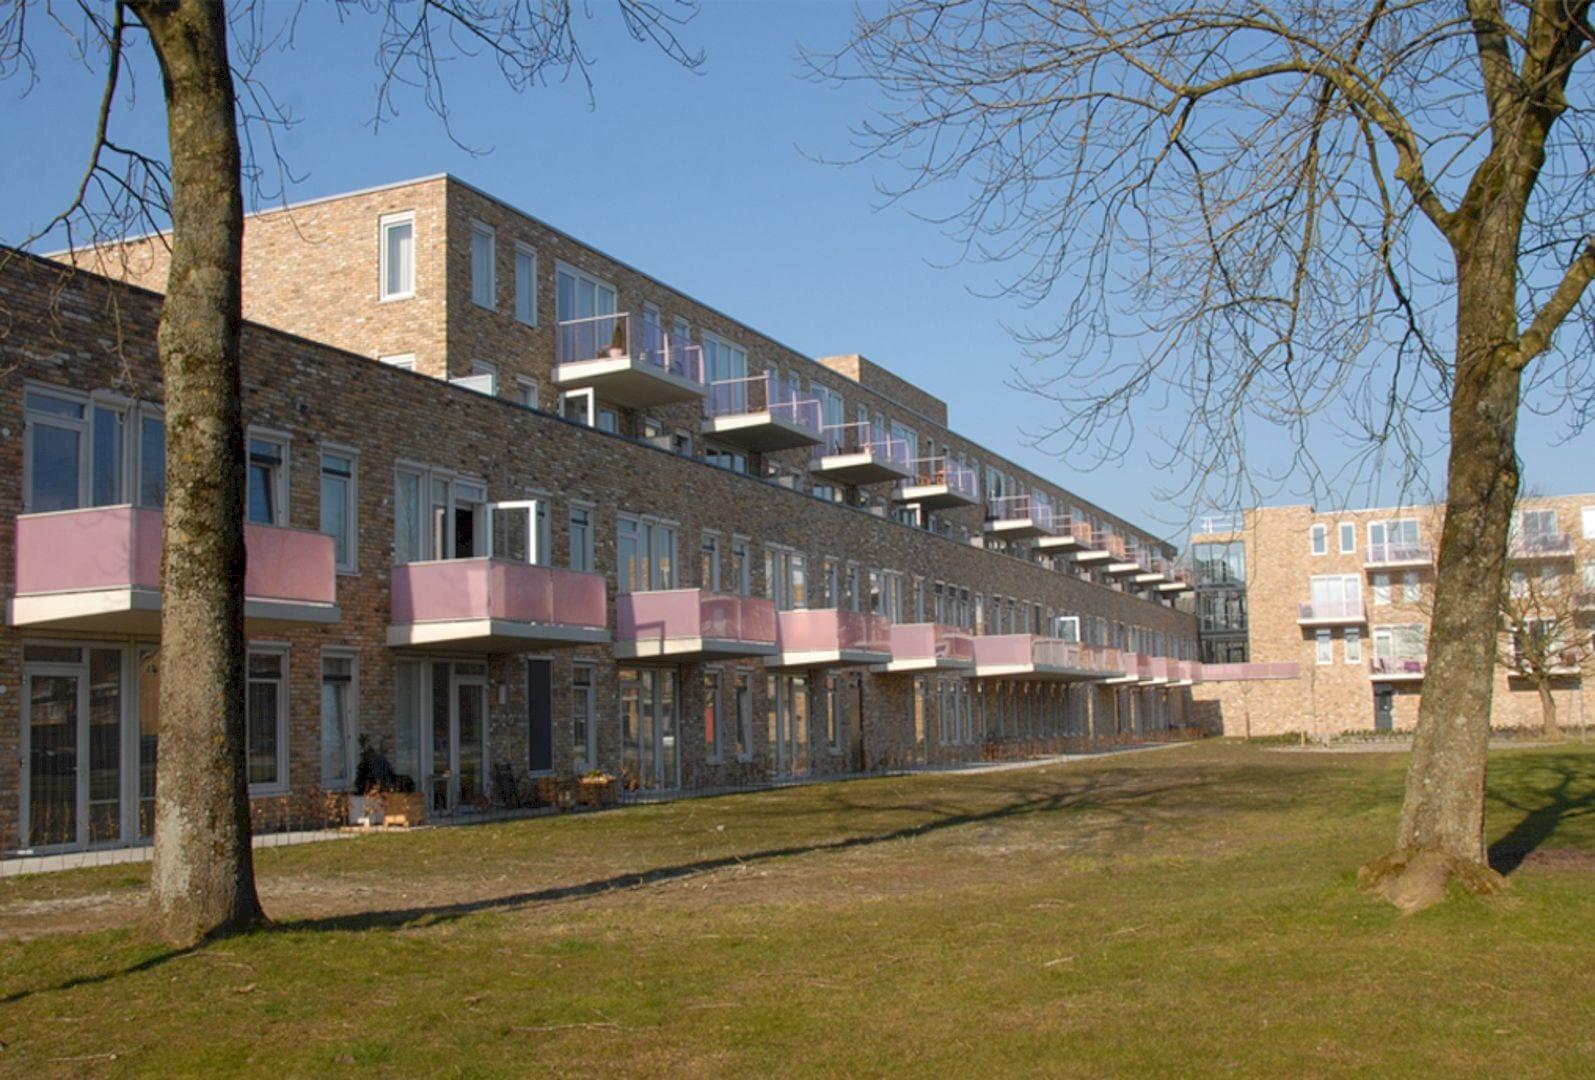 Apartments Tamarixplantsoen Heerhugowaard By Jeanne Dekkers Architectuur 9